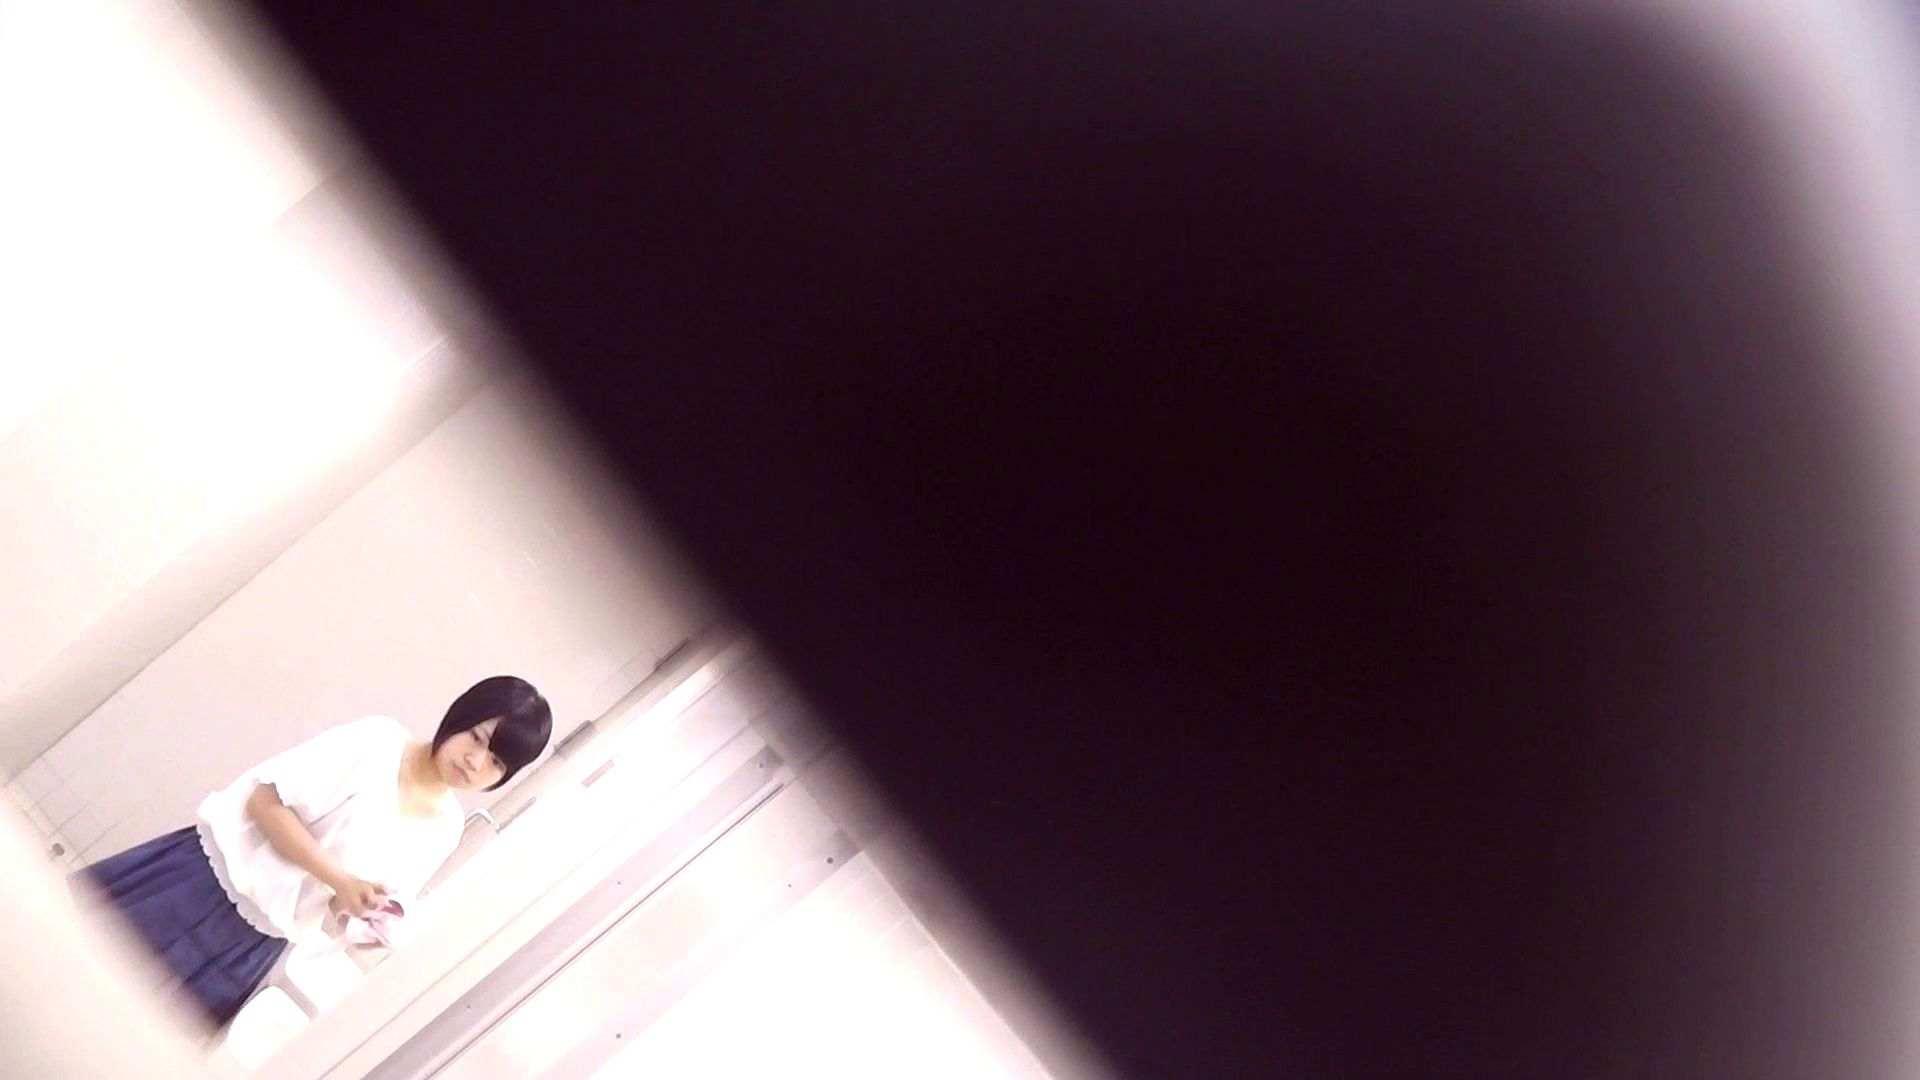 vol.17 命がけ潜伏洗面所! 張り裂けんばかりの大物 洗面所 盗撮戯れ無修正画像 108画像 66